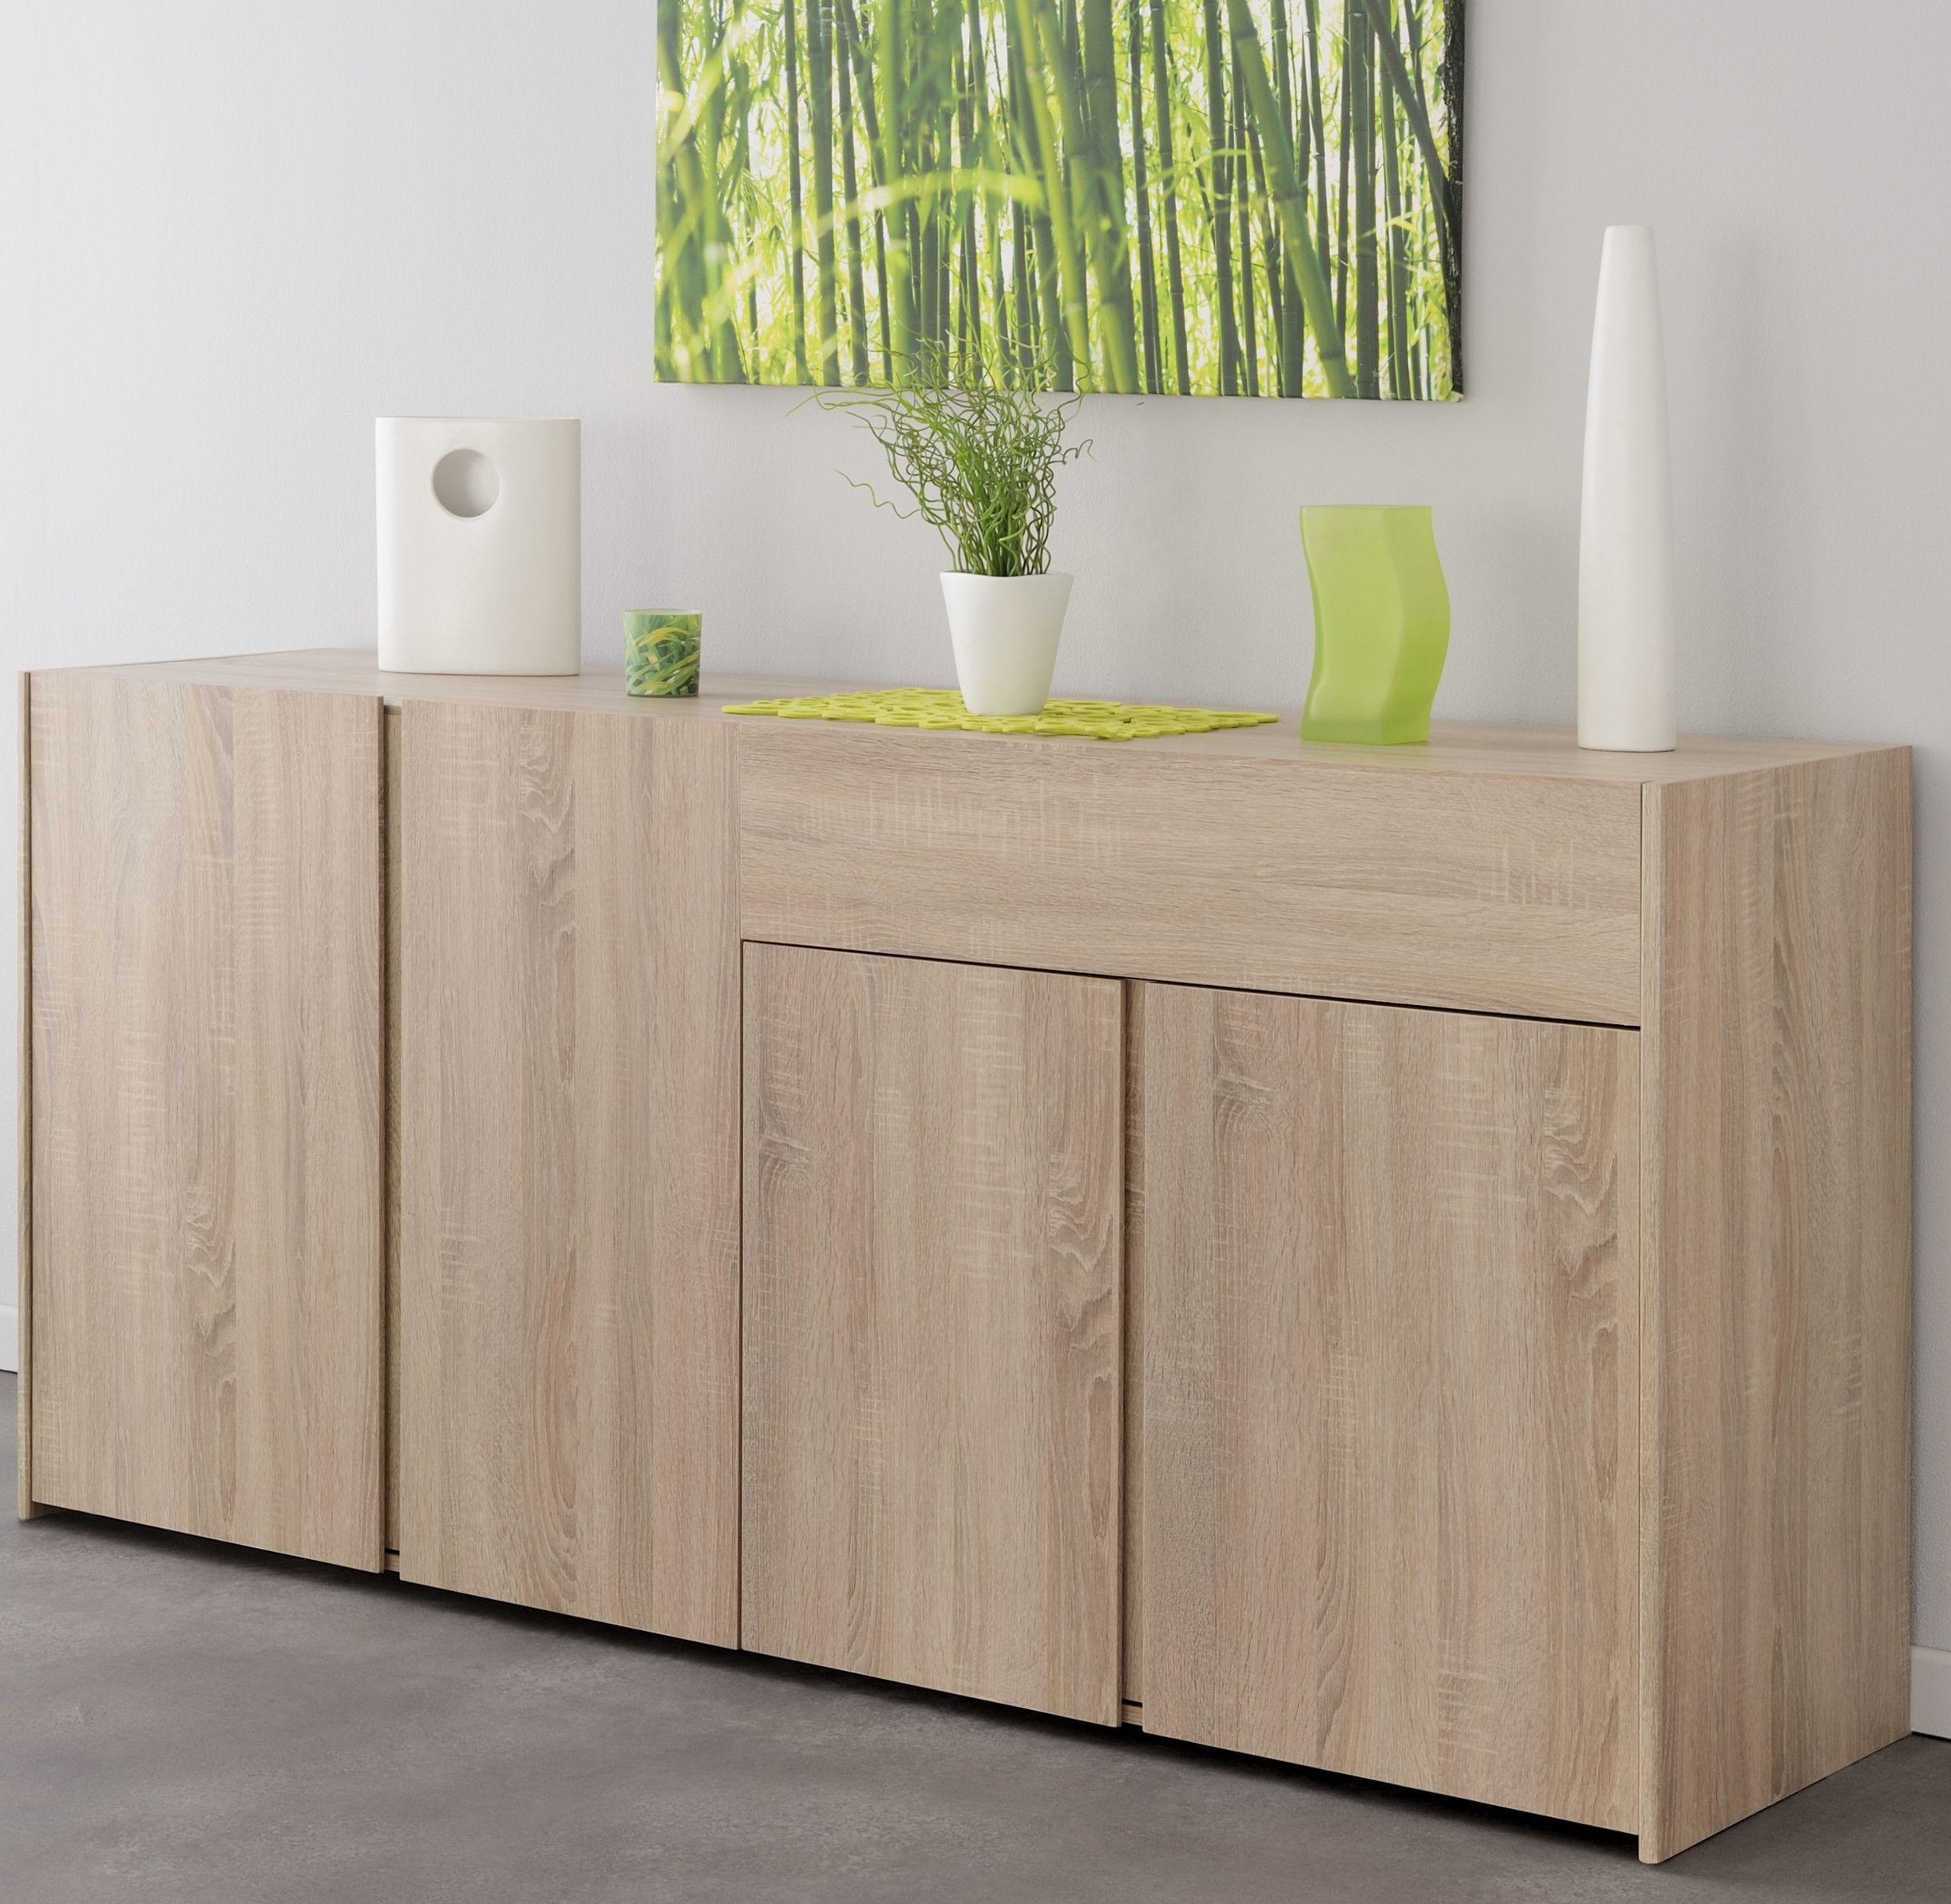 Sideboard Sonoma Eiche Woody 167-00290 modern Jetzt bestellen unter ...